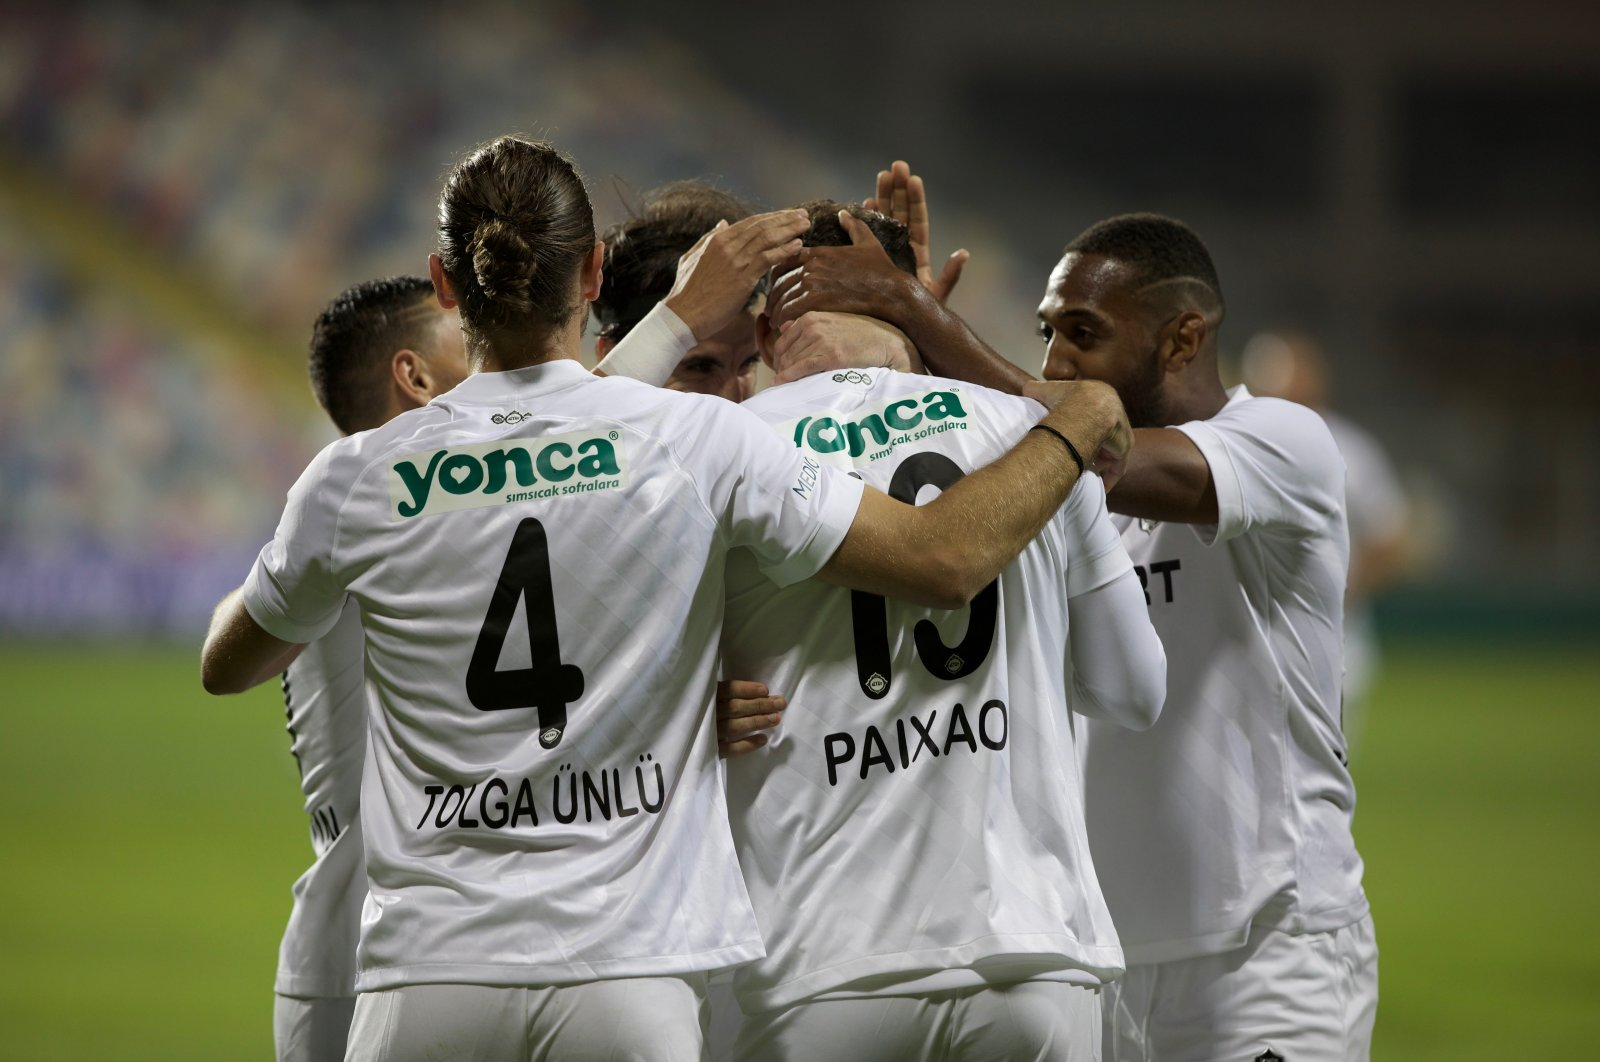 TFF 1. Lig'in 6. haftasında iki İzmir temsilcisi Altınordu ile Altay Bornova Aziz Kocaoğlu Stadı'nda karşılaştı. Altay oyuncuları Marco Filipe Lopes Paixao'nun (19) golü sonrası sevinç yaşadı. ( Lokman İlhan - Anadolu Ajansı )